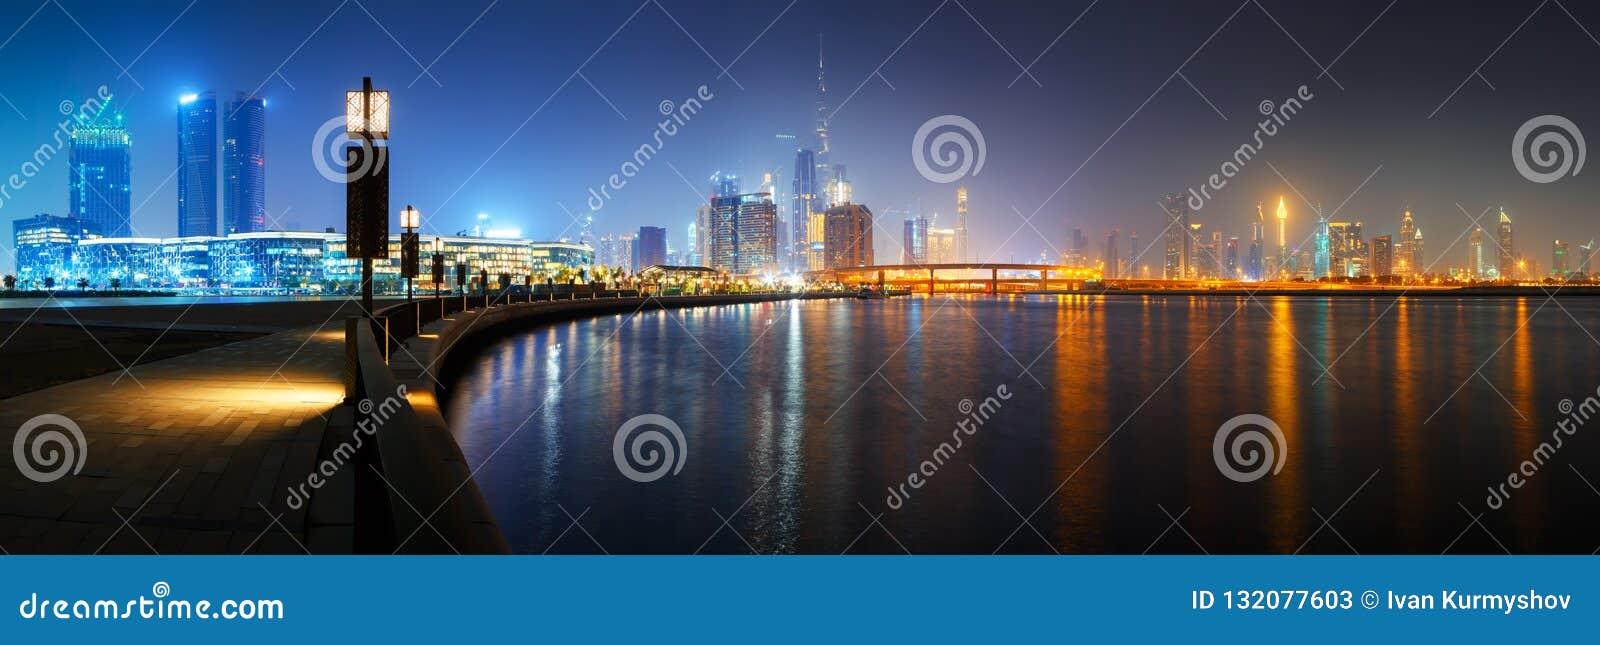 Горизонт центра города Дубай городской